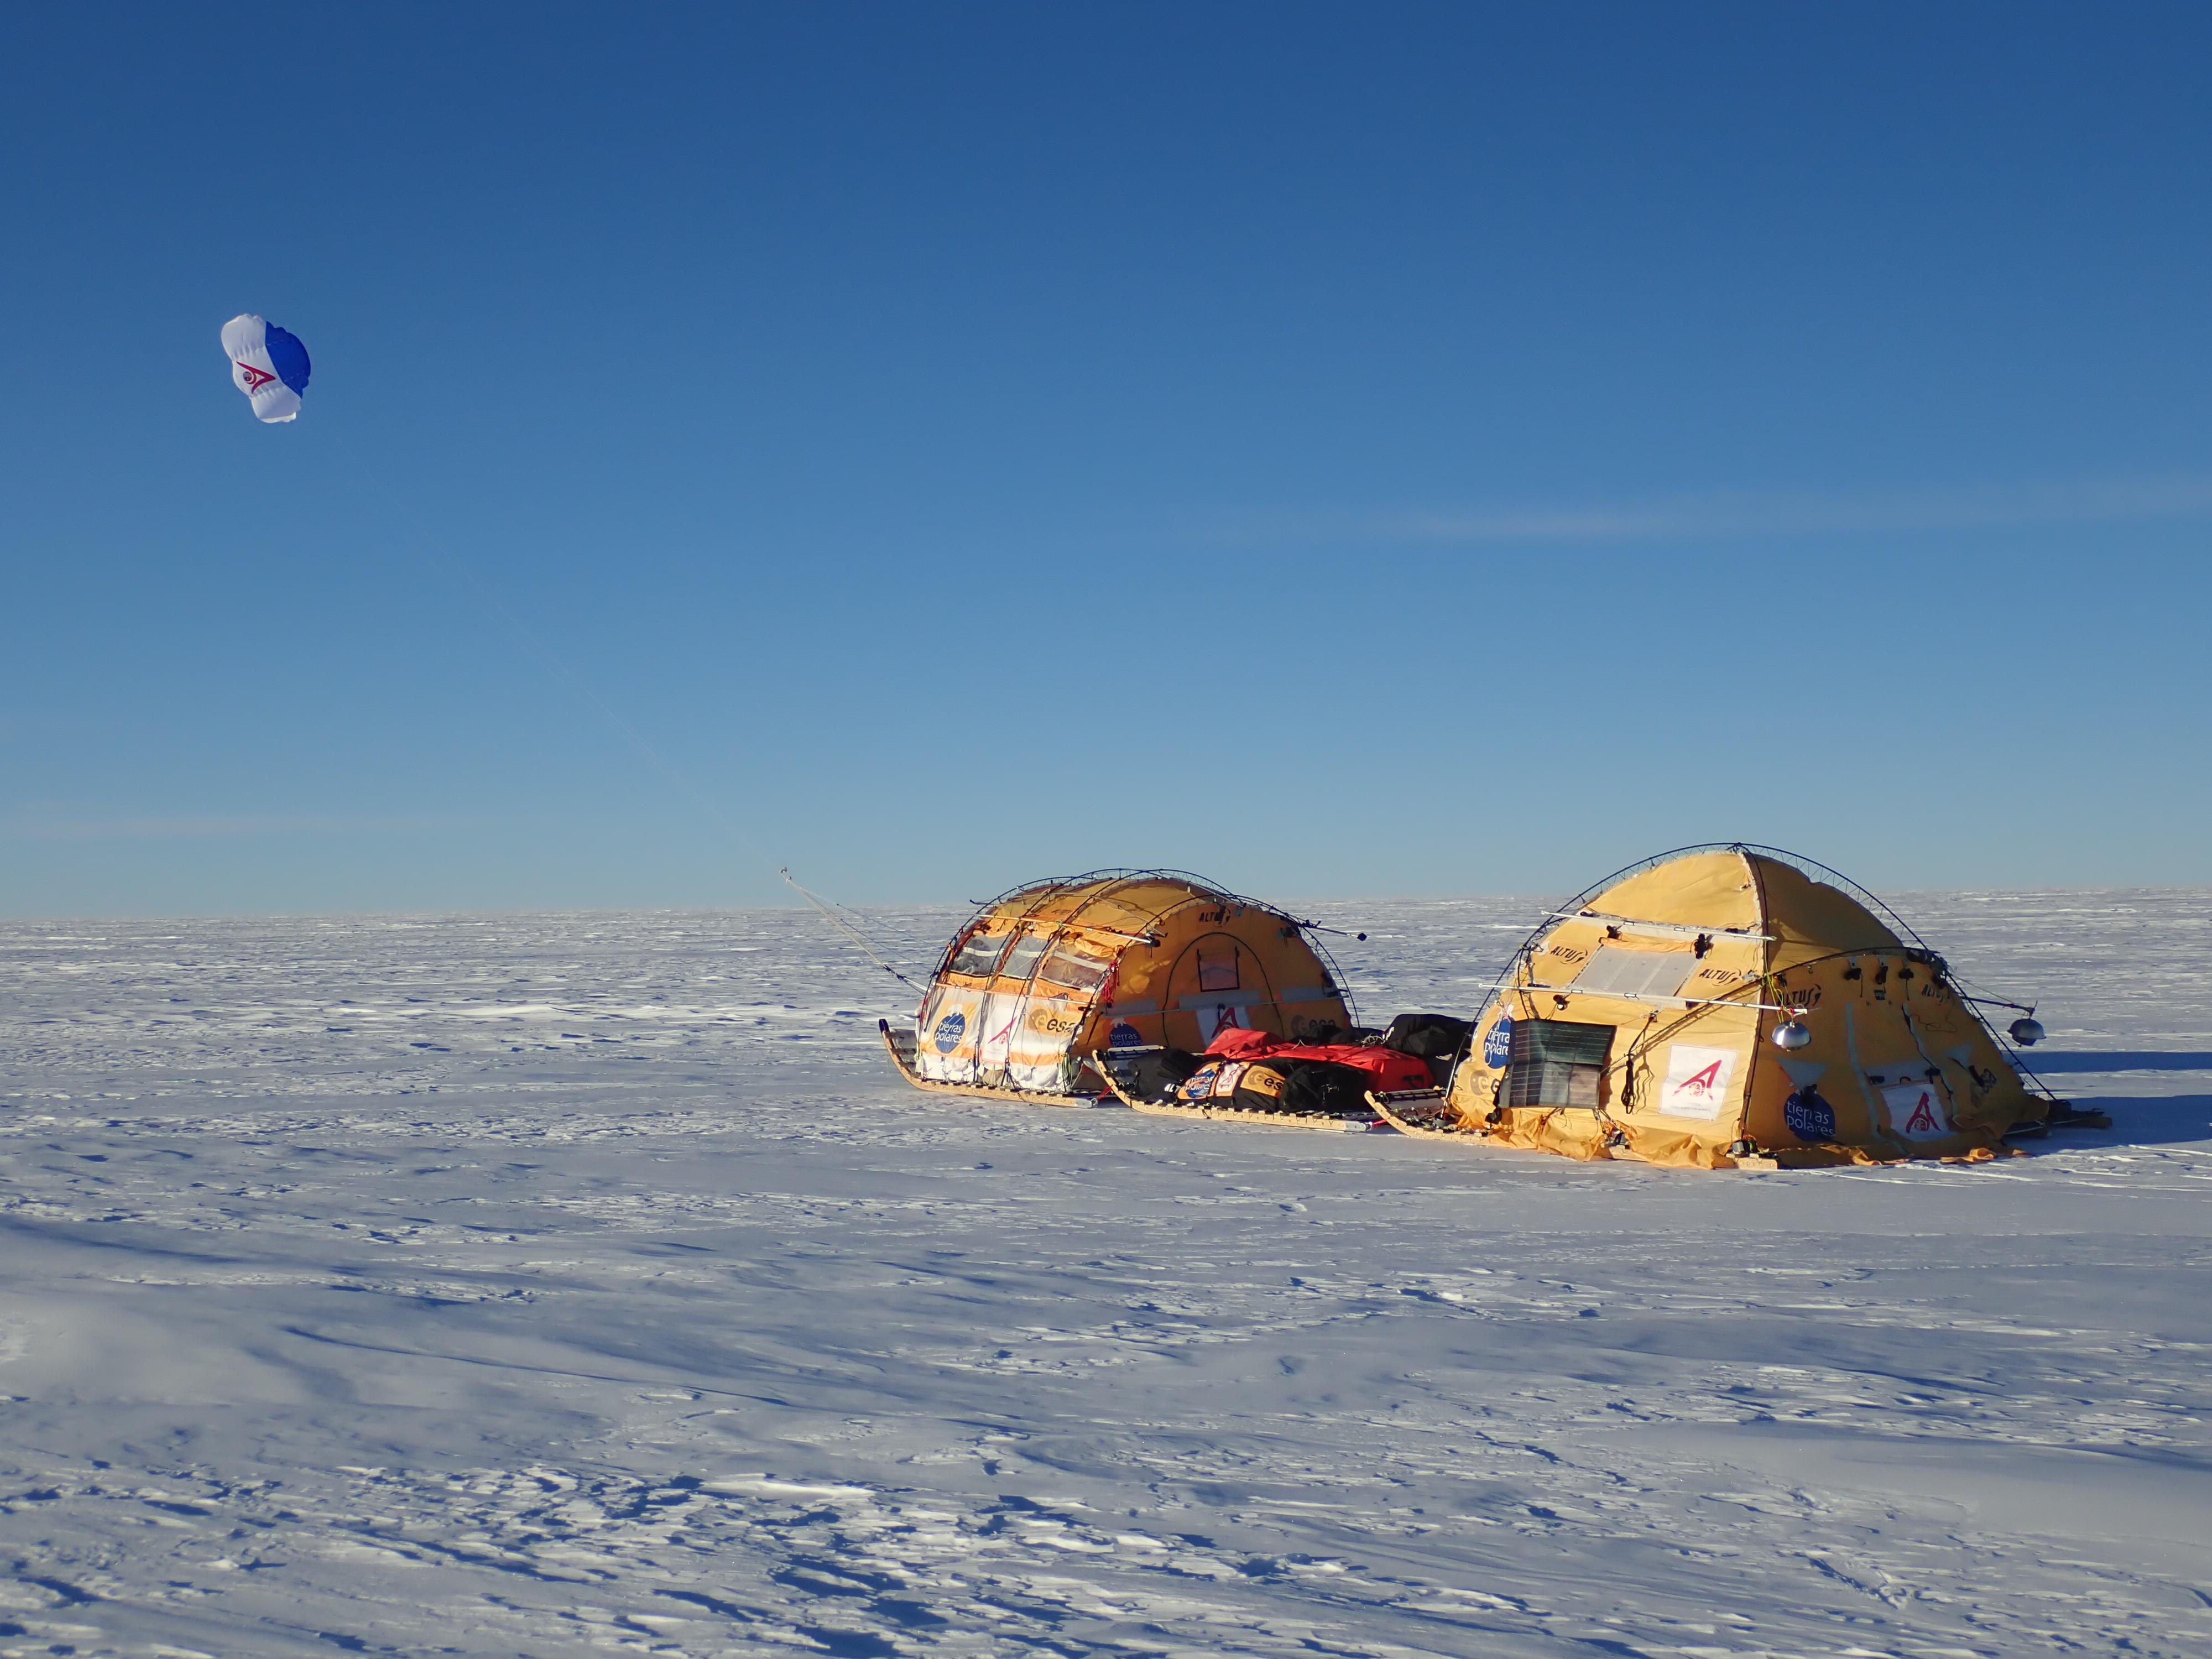 новолазаревская антарктическая станция фото еще это